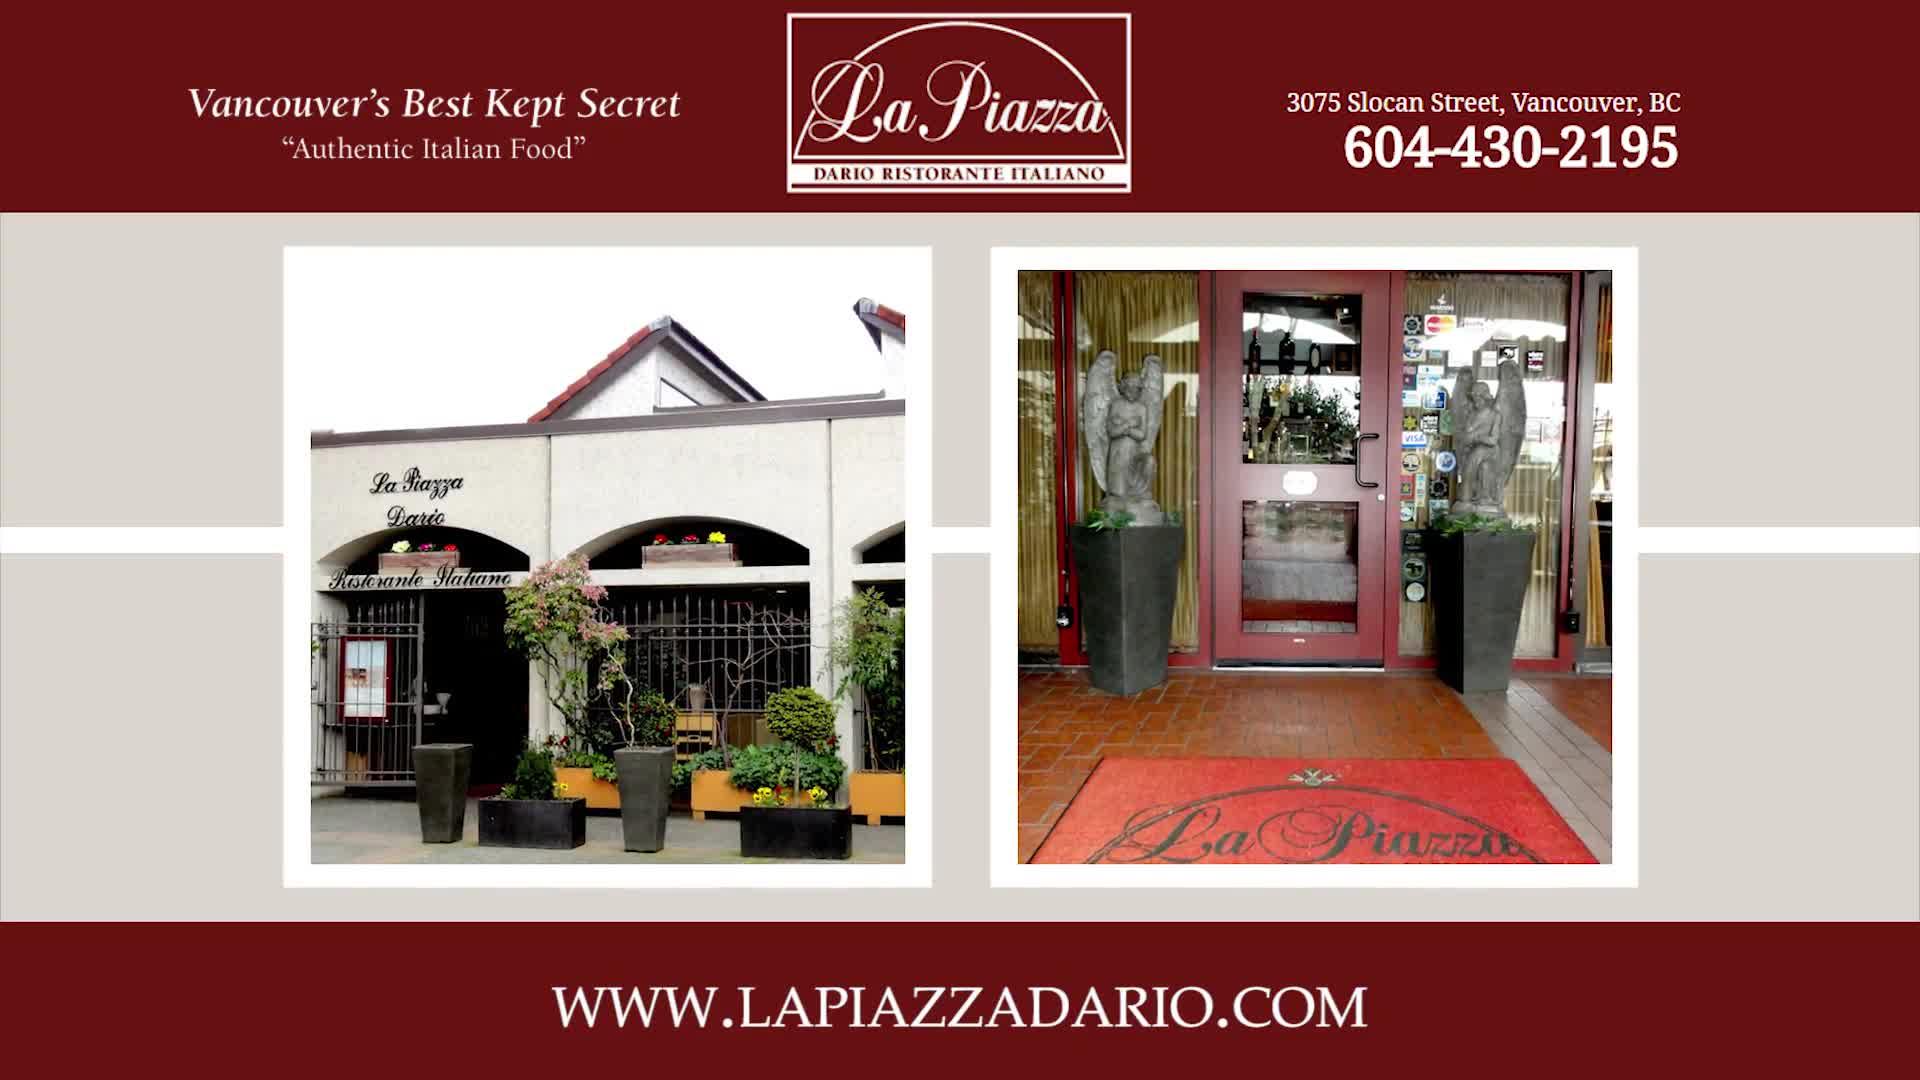 La Piazza Dario Restaurante Italiano - Restaurants - 604-430-2195